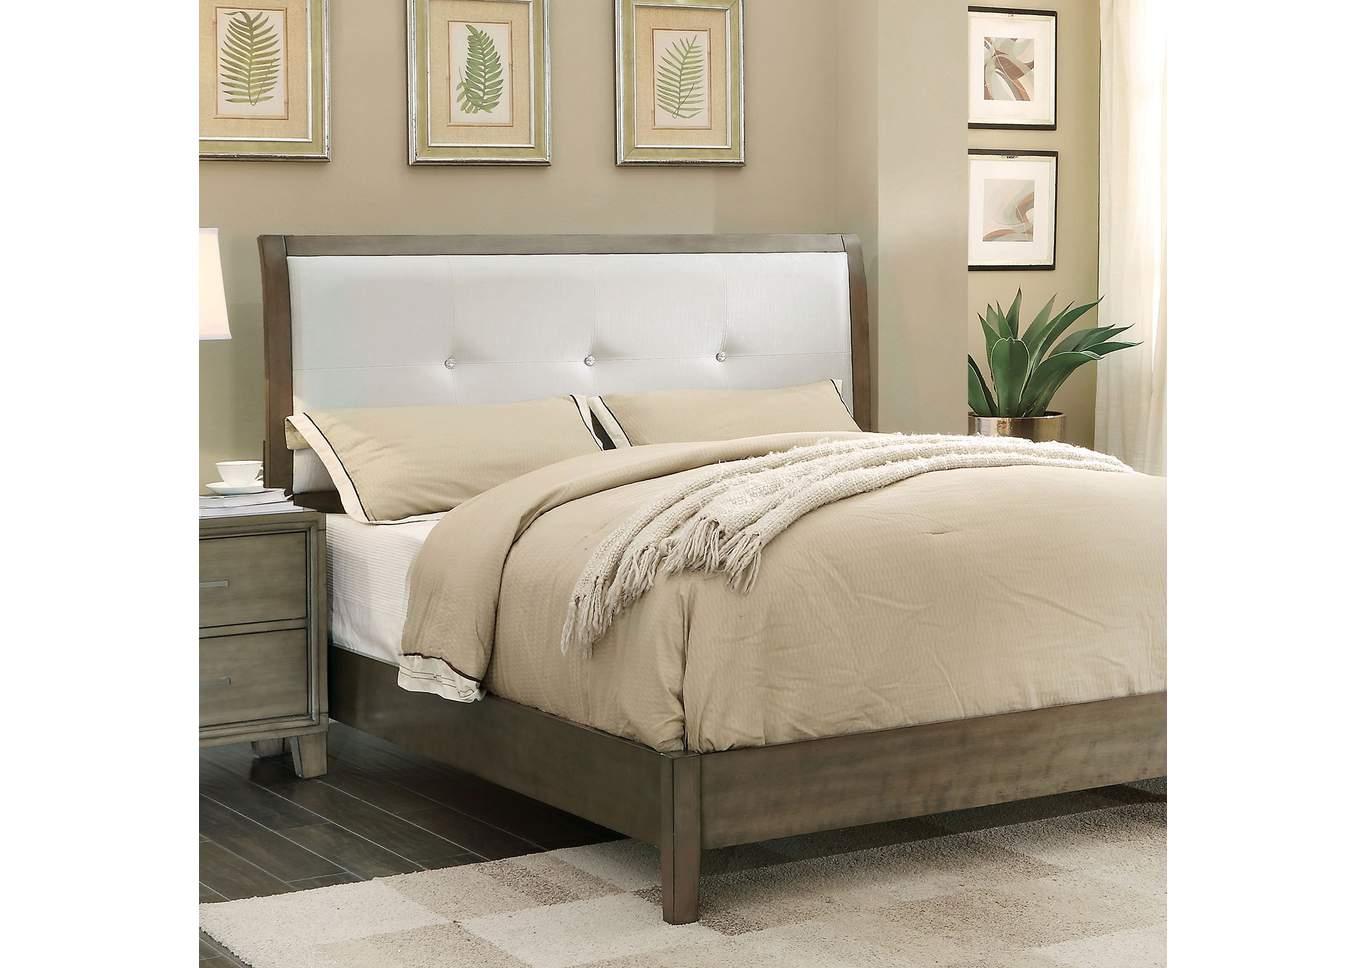 bed katzberry platform product home upholstered haven decor